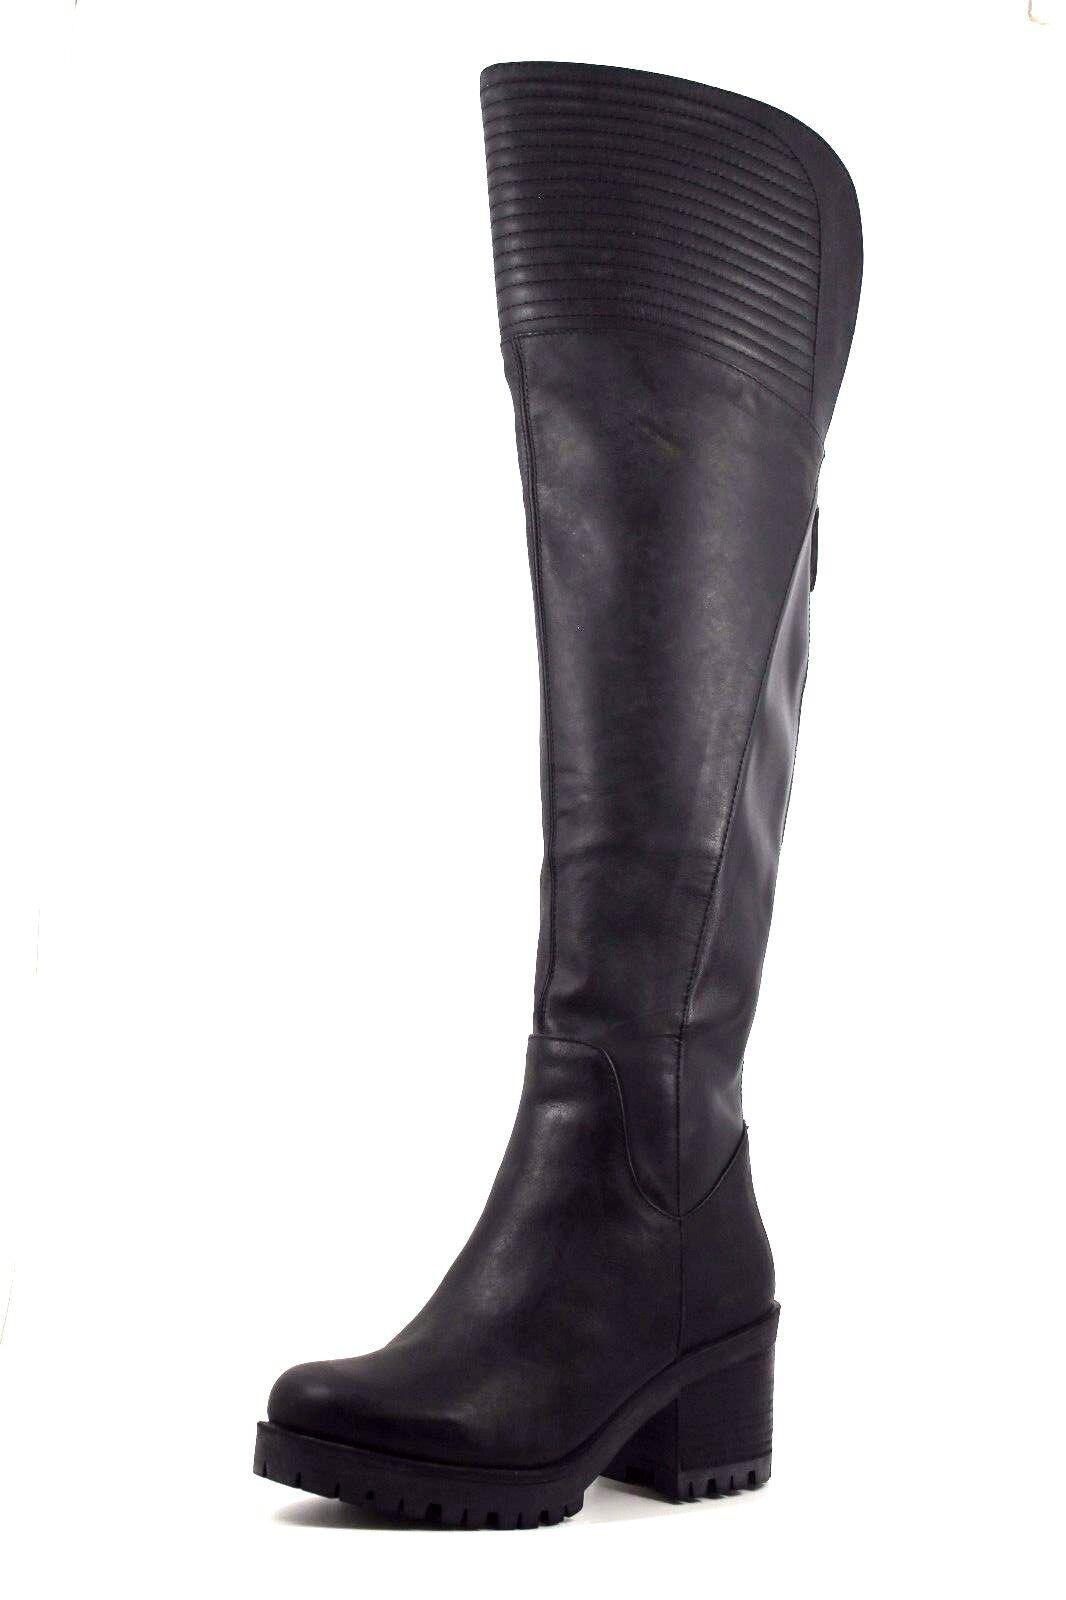 Nine West Ultrapúrpuraa Para Mujer Mujer Mujer Reino Unido 3 Negro Cuero Bloque talón a la Rodilla botas Nuevas df3db1